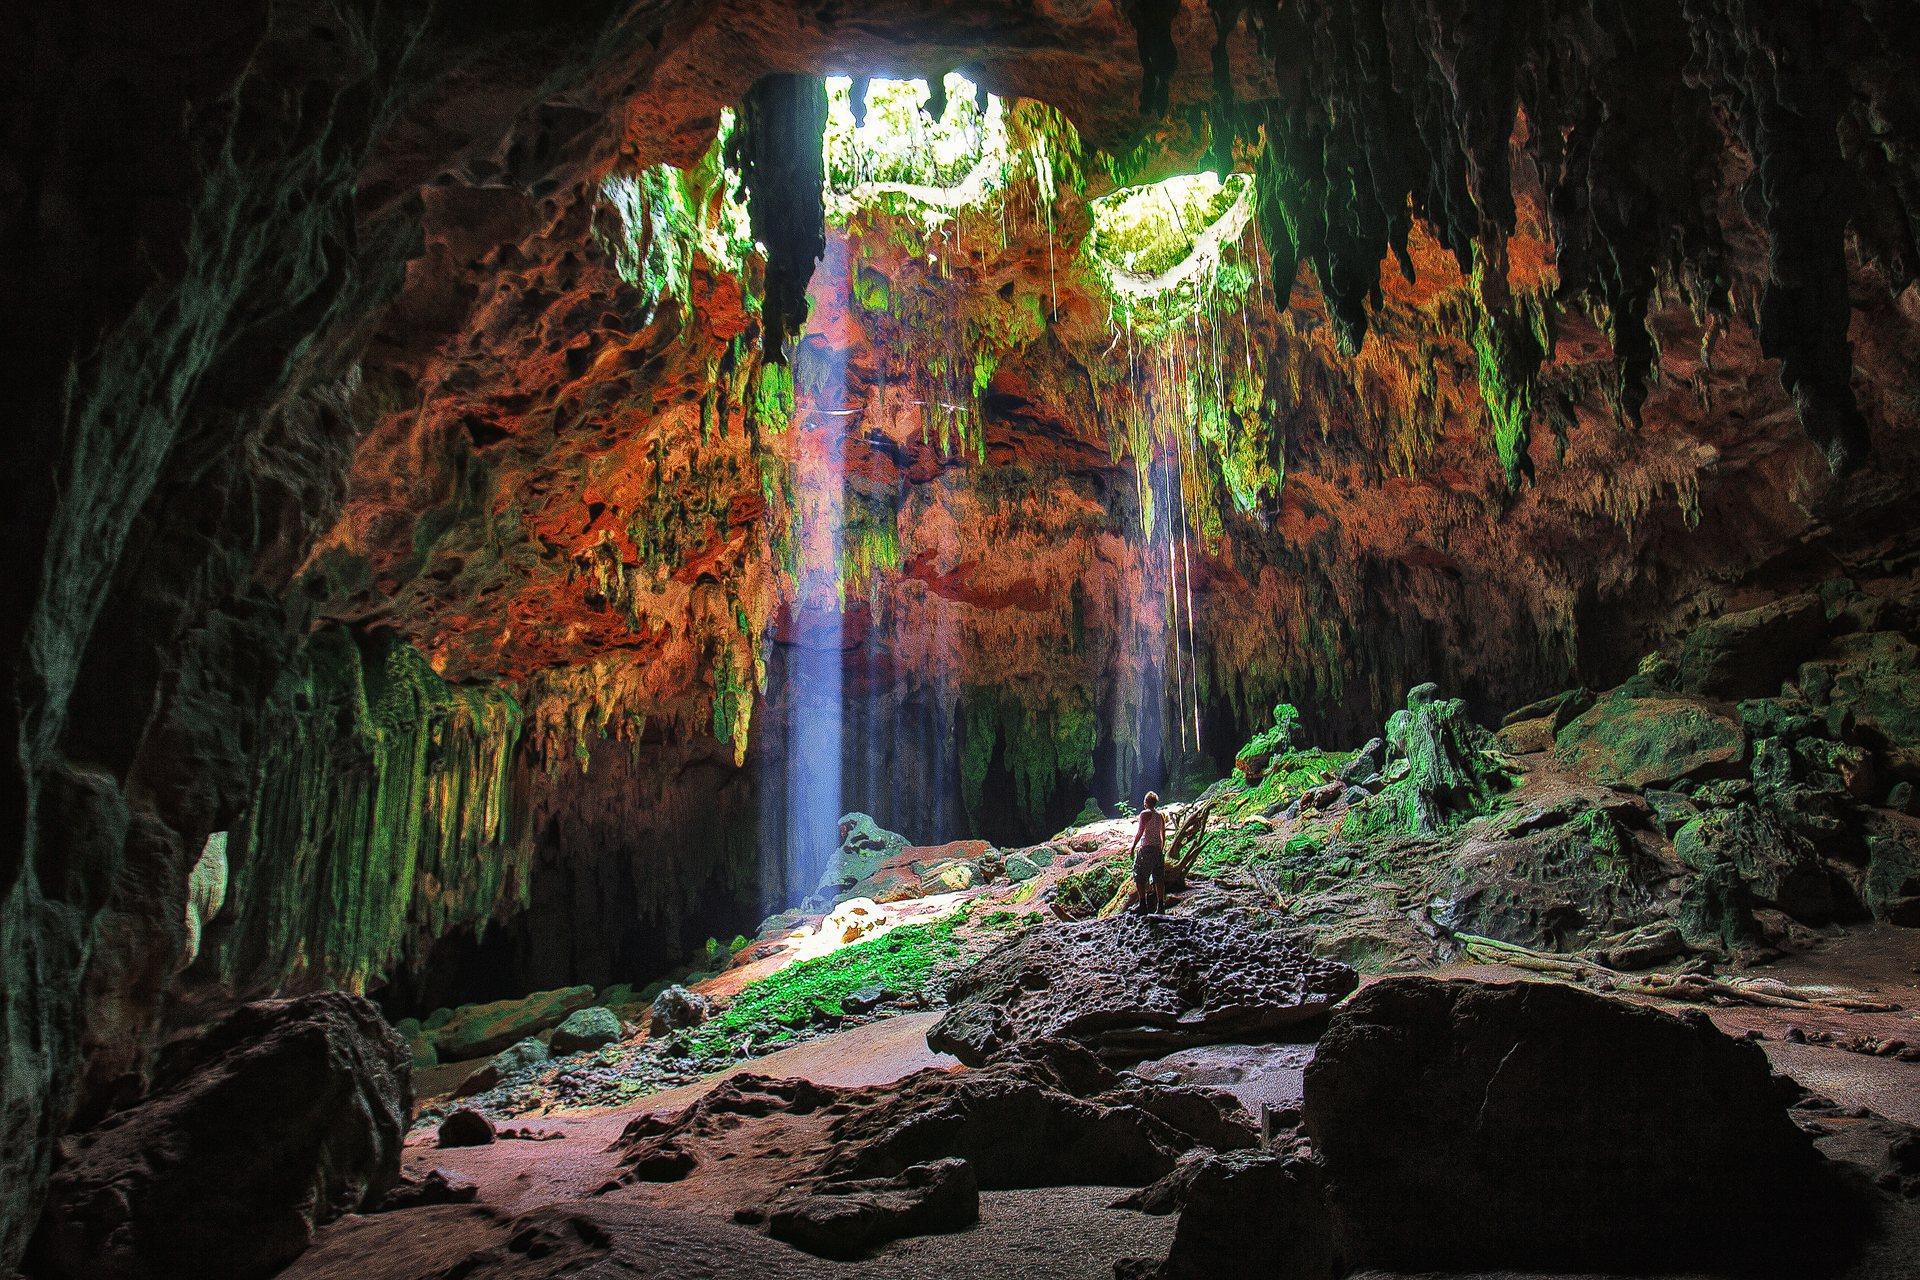 cenote, Yucatán Peninsula, höhle, mexiko, mexico, Grutas de Loltun, loltun cave, Oxkutzcab, Peninsula